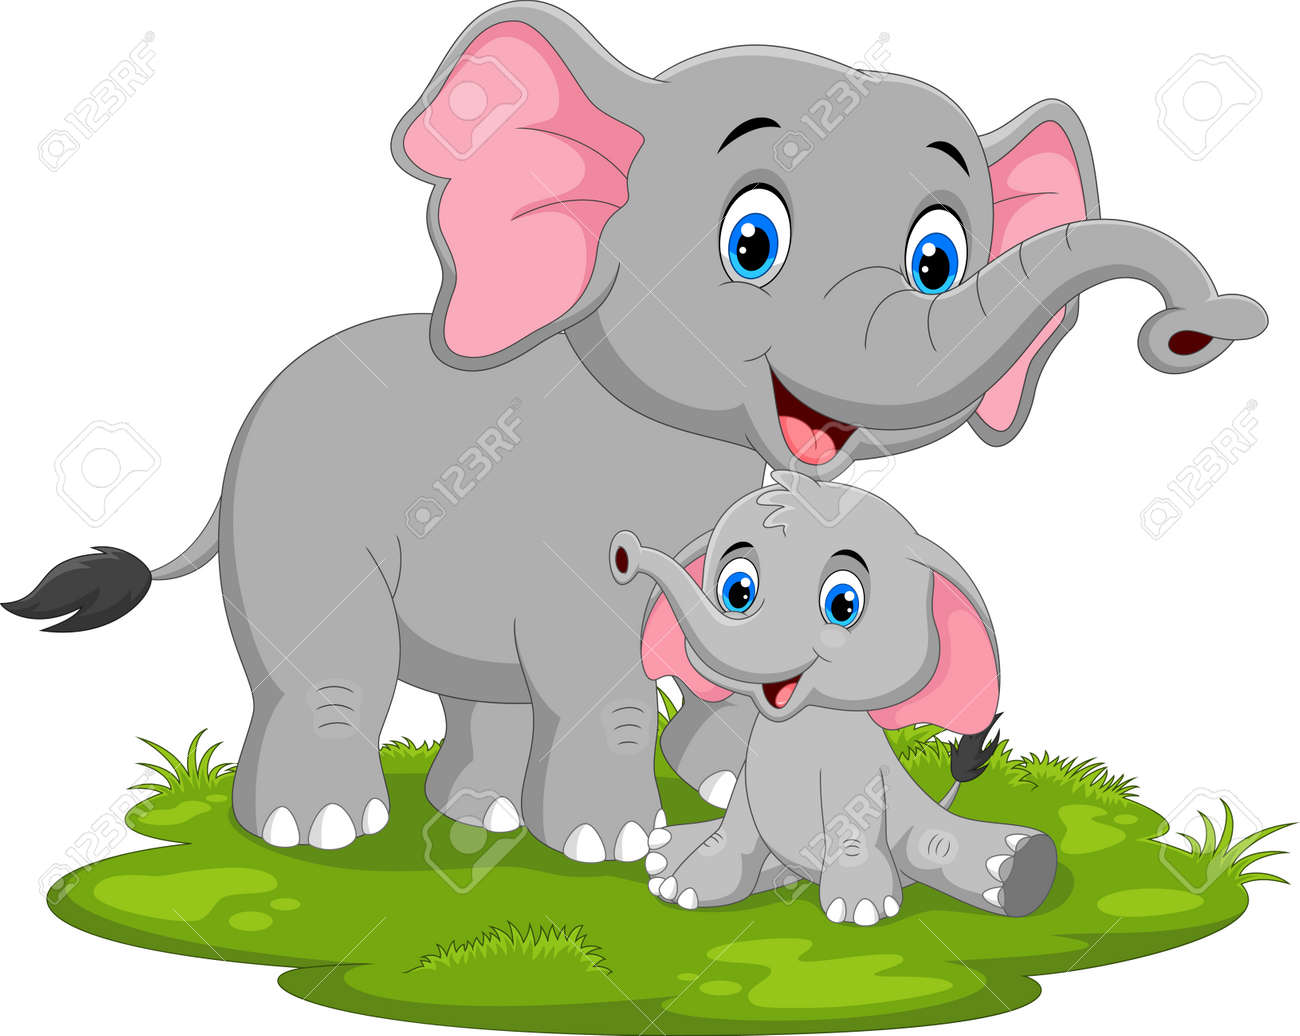 Happy elephant cartoon - 165285569